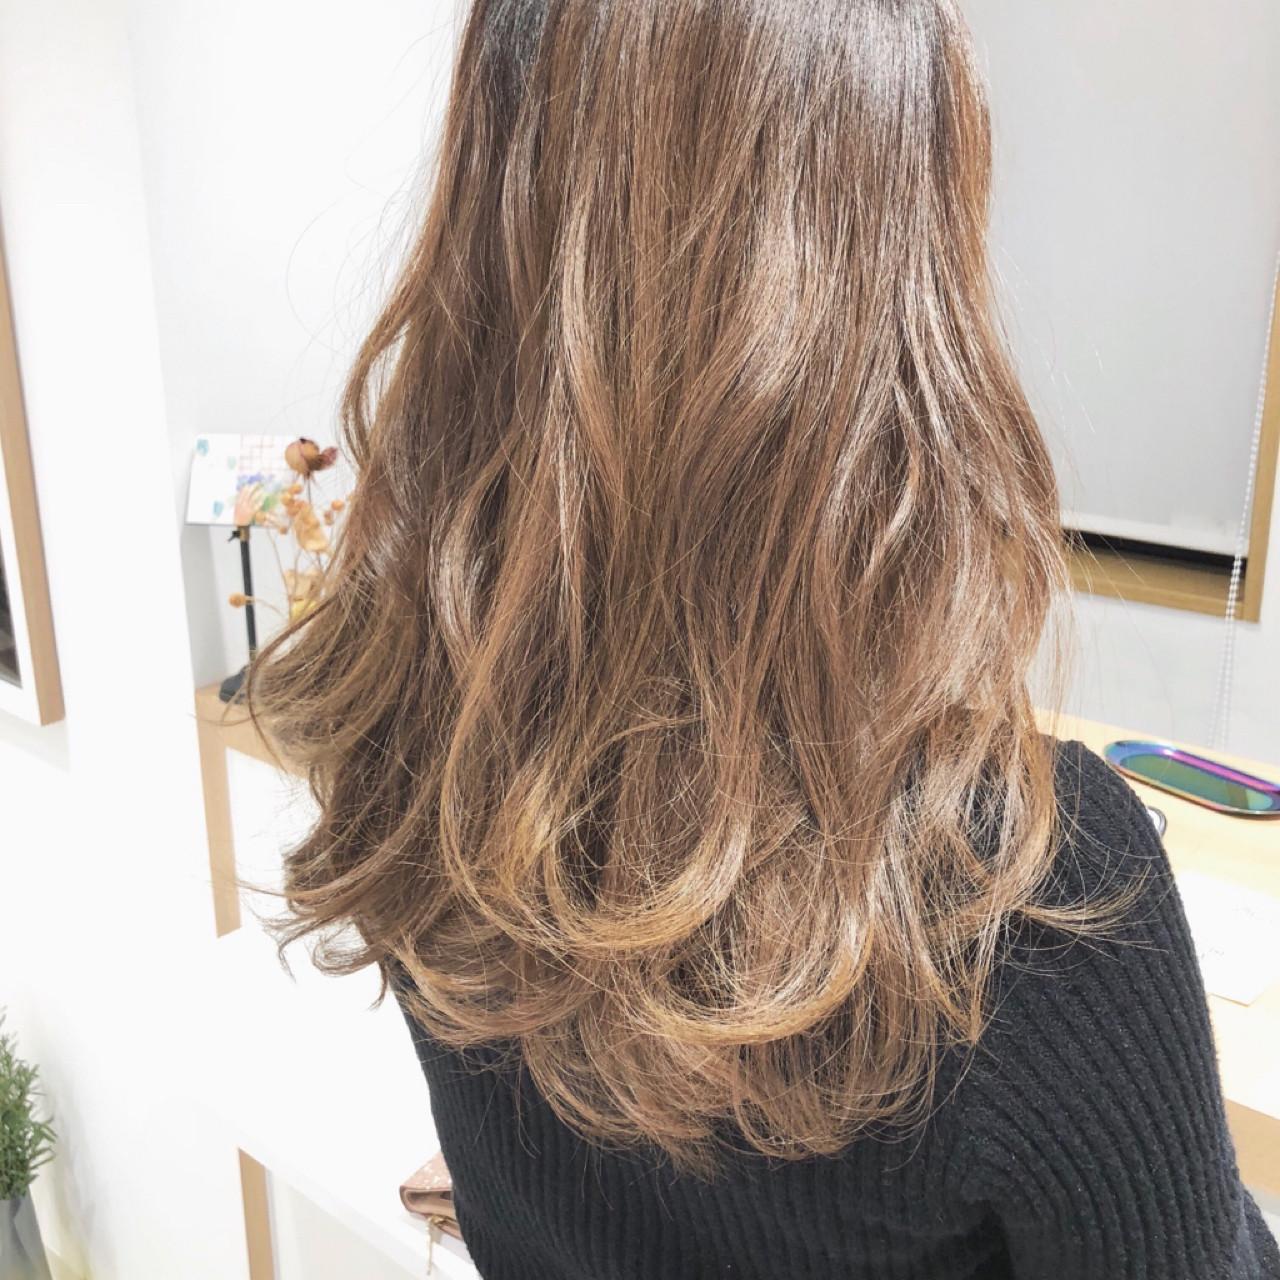 デート 簡単ヘアアレンジ ナチュラル ウェーブ ヘアスタイルや髪型の写真・画像